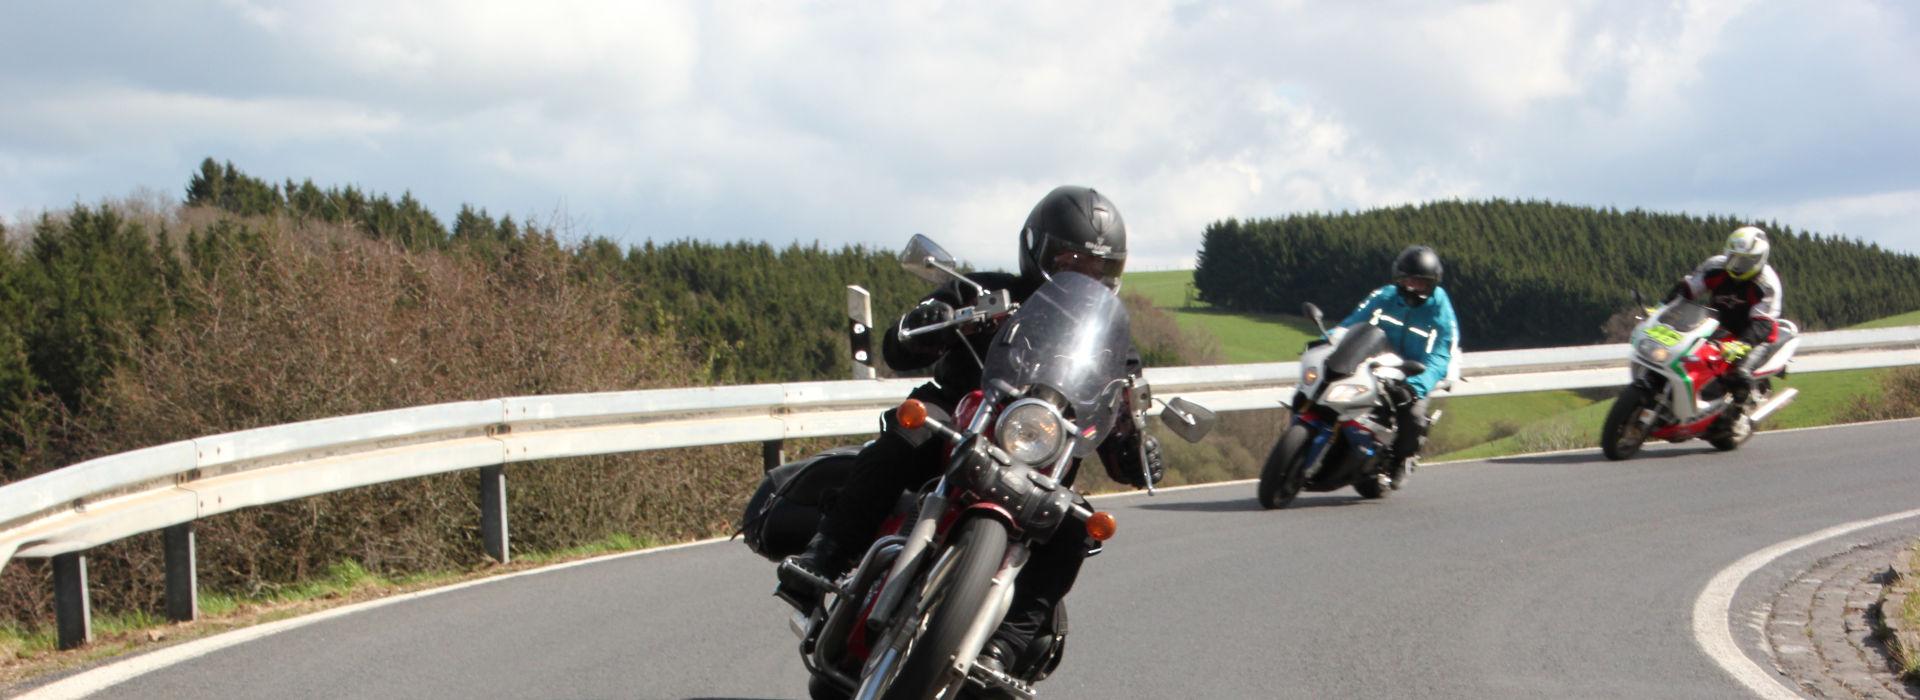 Motorrijbewijspoint Middenmeer spoed motorrijbewijs